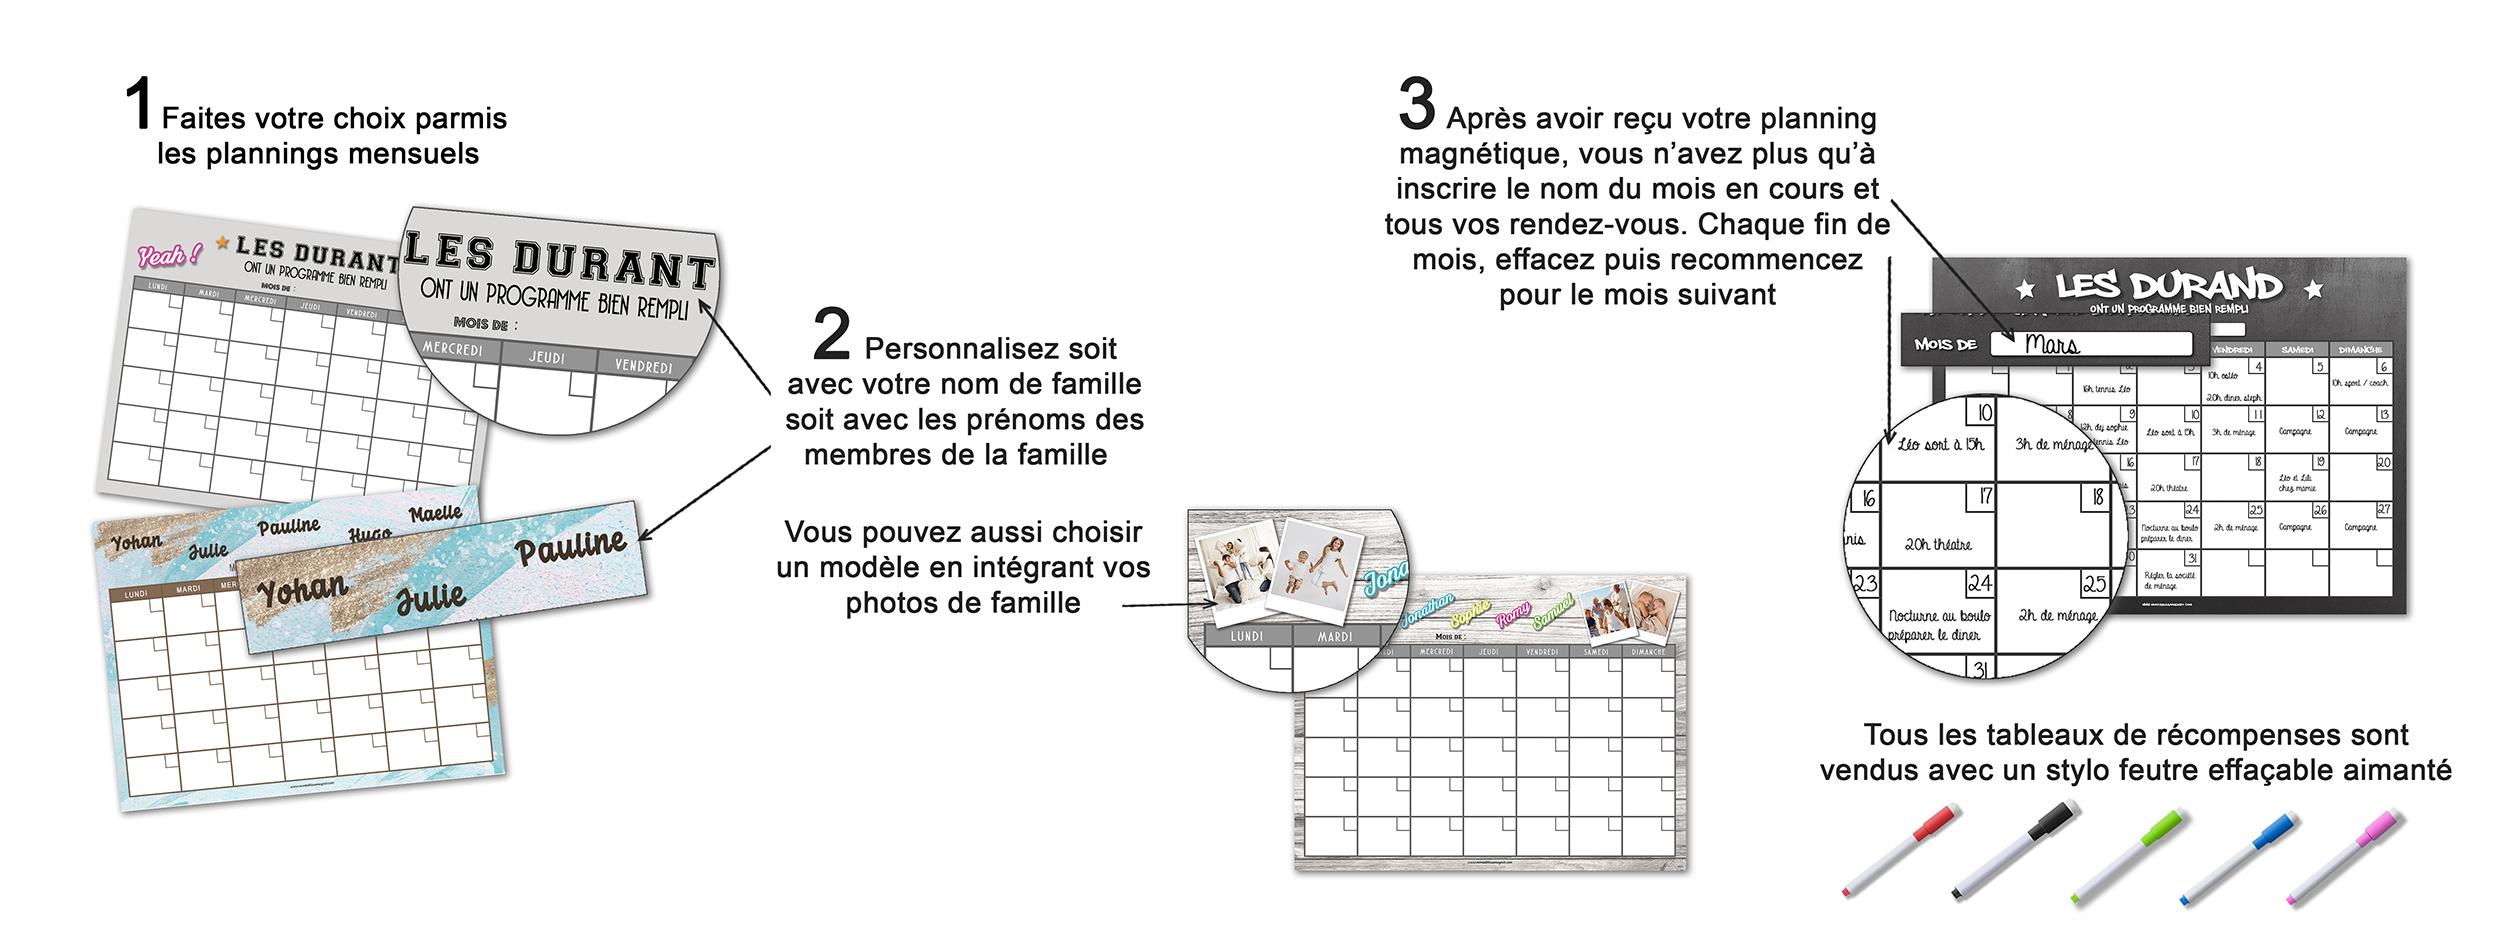 comment ca marche un planning magnétique mensuel personnalisé